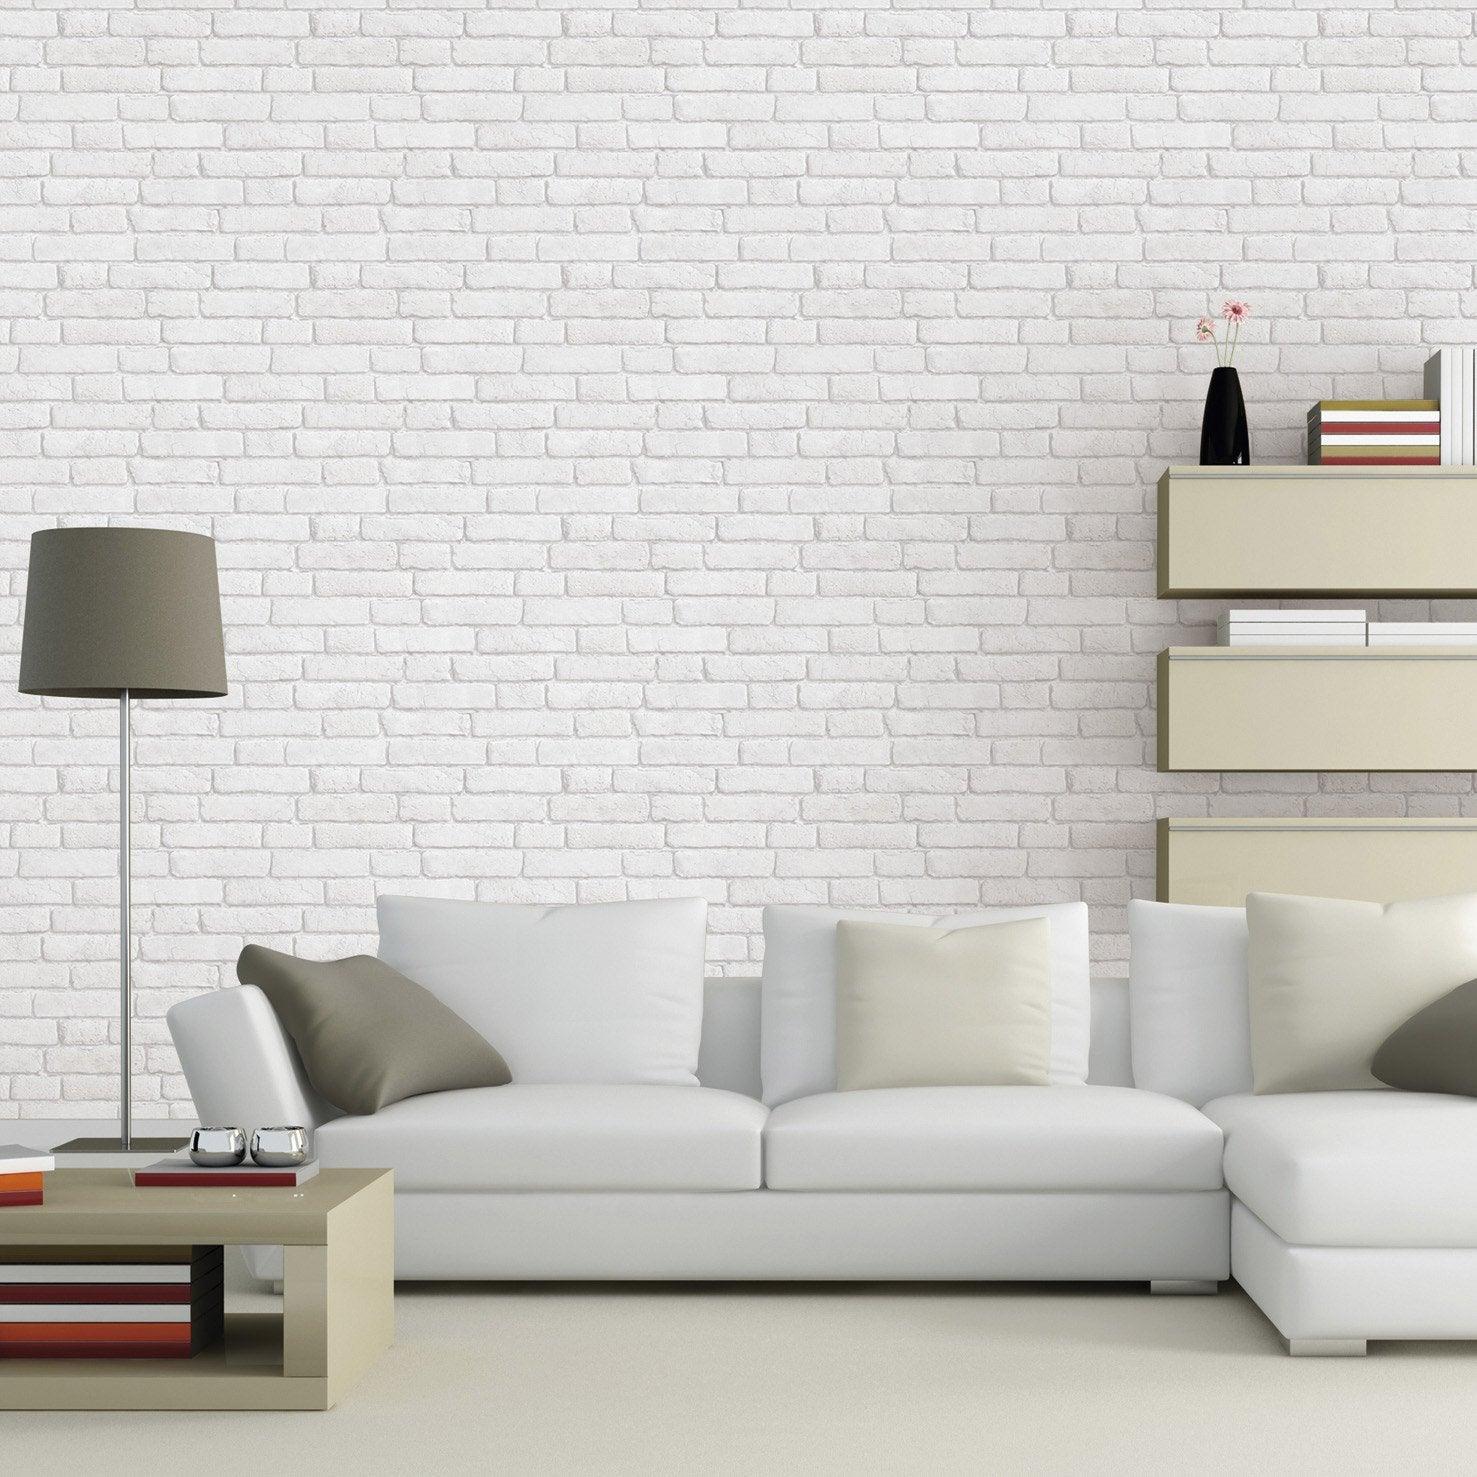 Papier peint intiss briques anciennes blanc leroy merlin for Briquette salle de bain